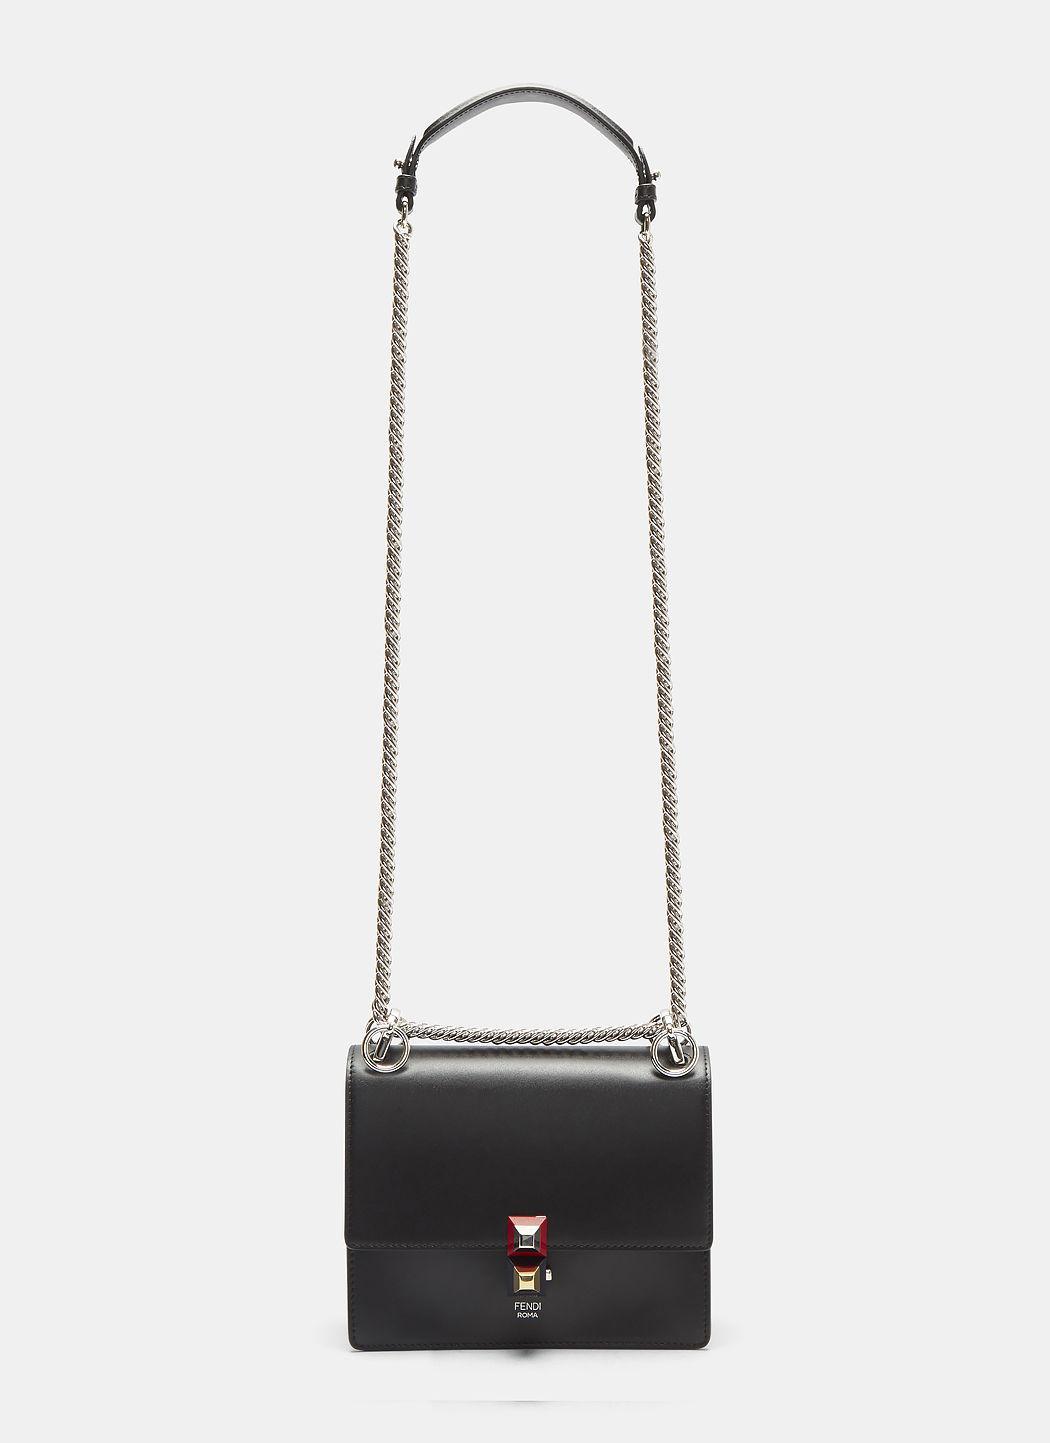 Fendi Kan I Mini Leather Shoulder Bag In Black